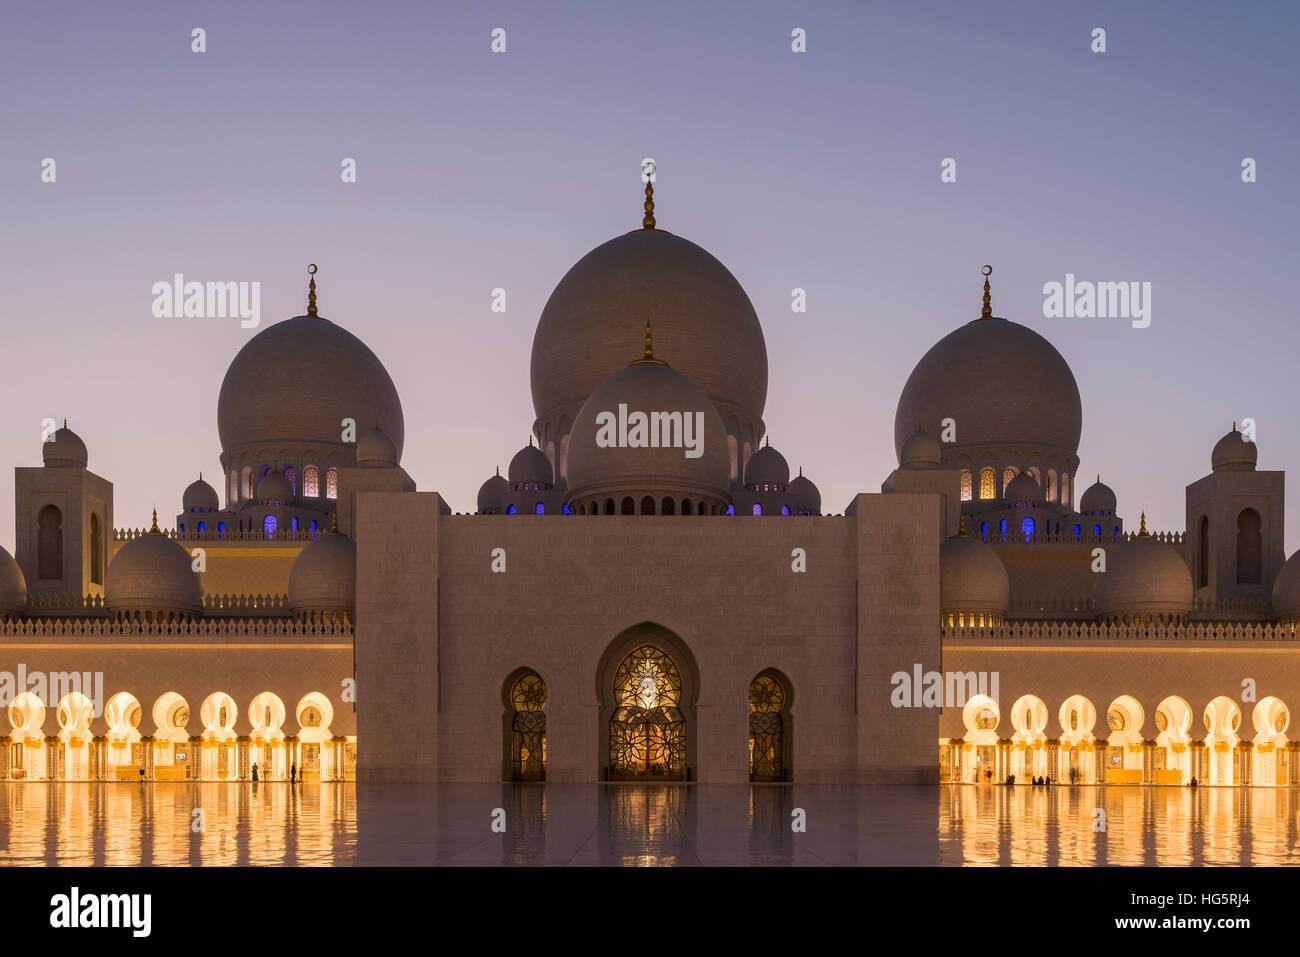 Sheikh Zayed Mosque at twilight, Abu Dhabi, United Arab Emirates - Stock Image